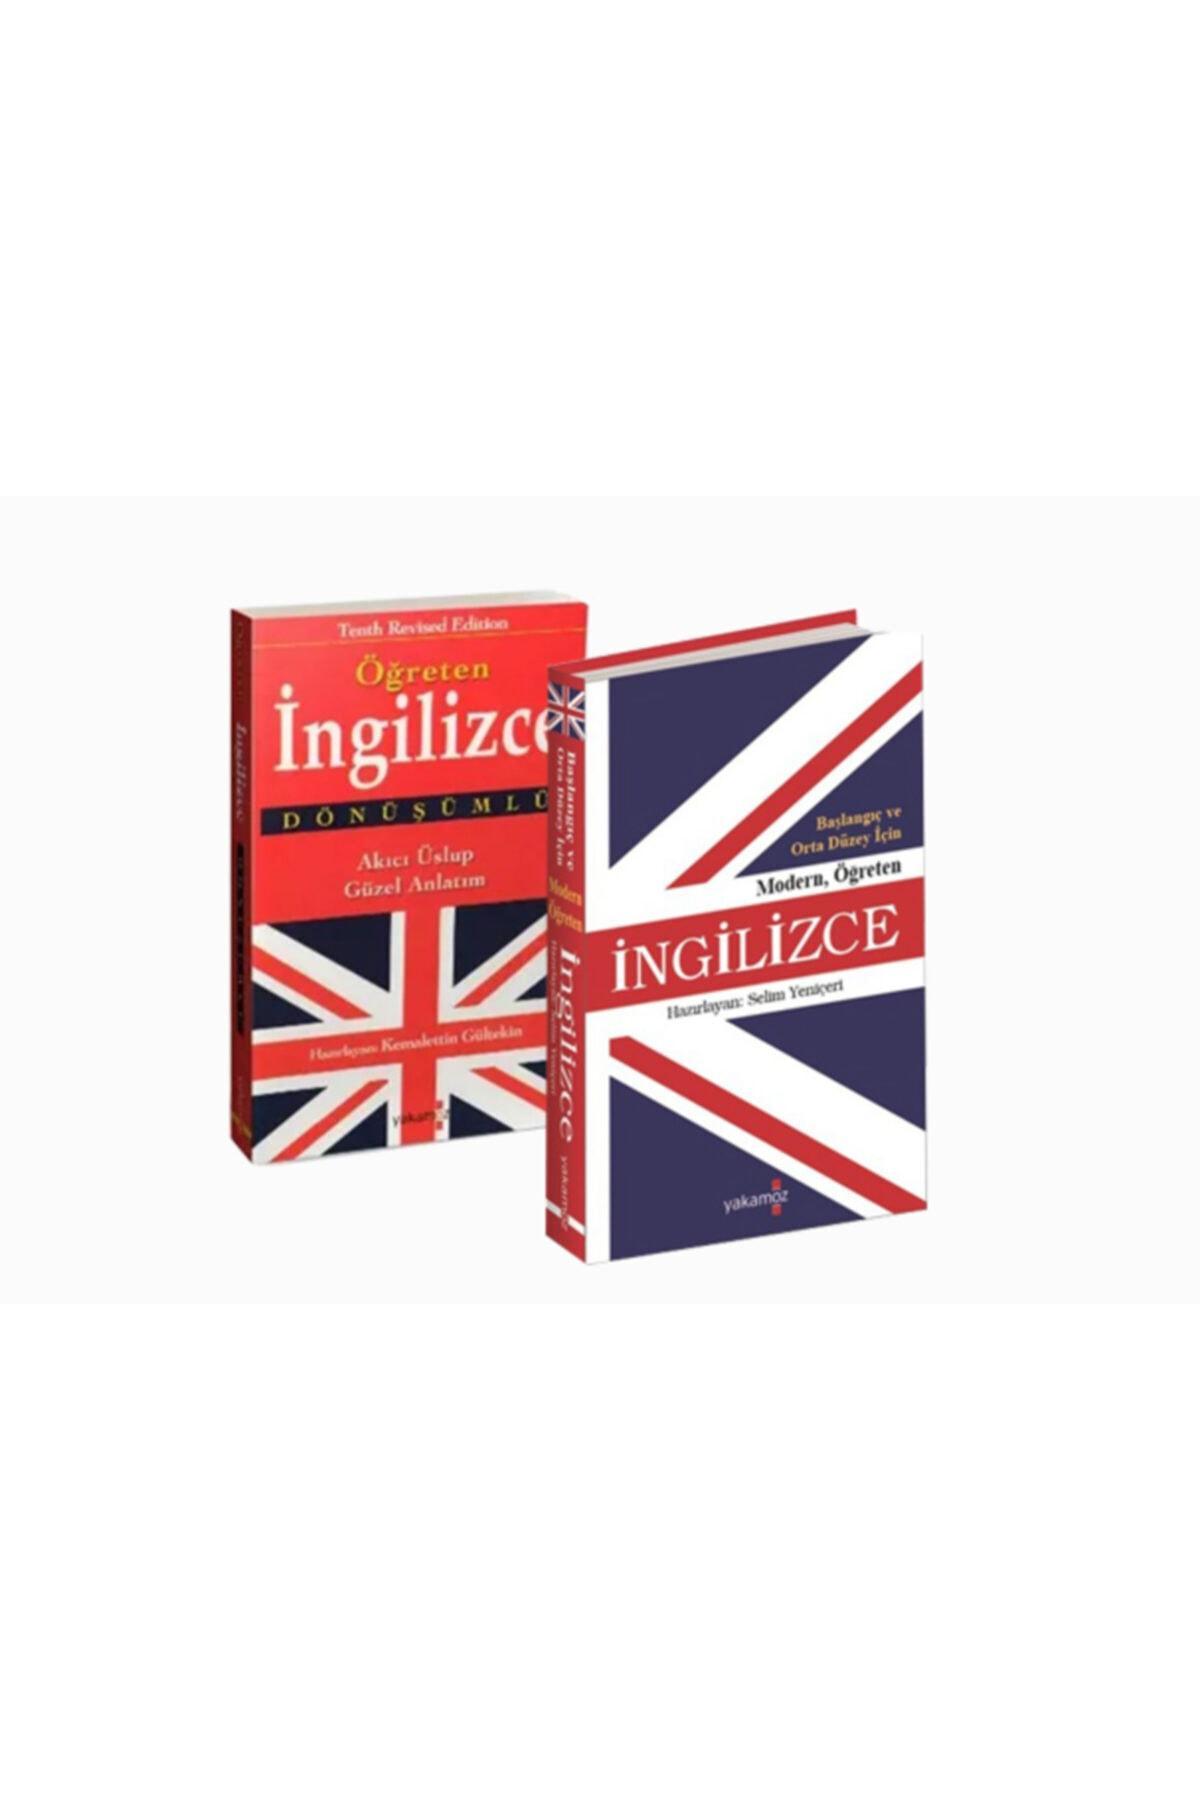 Ingilizce Eğitim Seti 2 Kitap